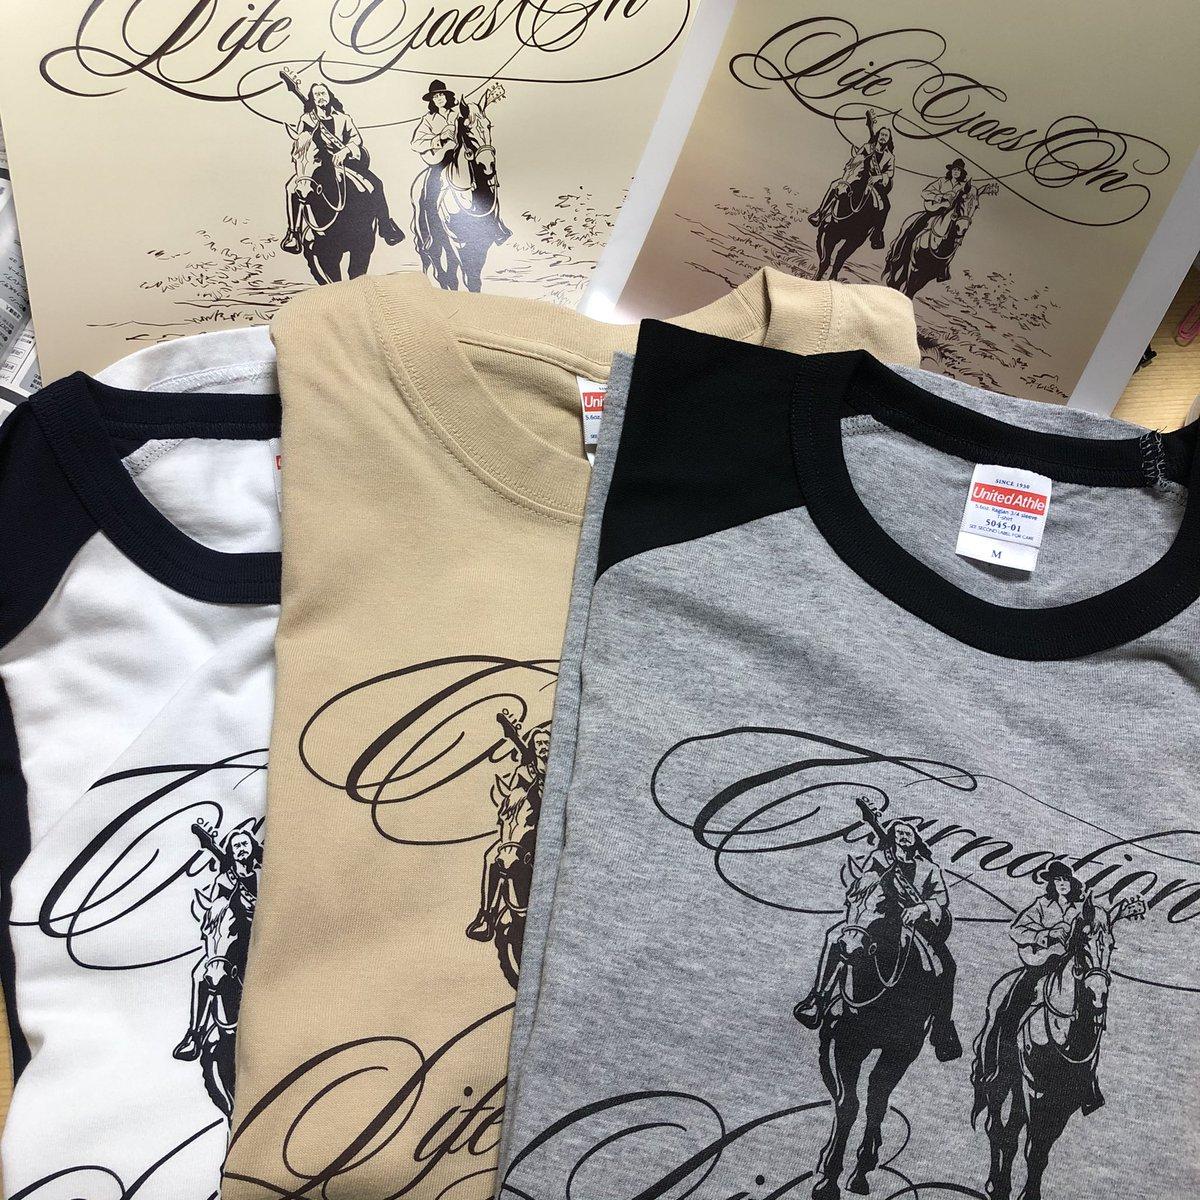 【LIFE GOES ON Merchandise】明後日からのカーネーションtourで販売する新アイテム🐎久しぶりにラグランTシャツ登場!クリアファイル、ポスターも作りました✨クレジットカード使用可能。大阪・名古屋は終演後にサイン会を予定しております。ぜひ物販コーナーへ!